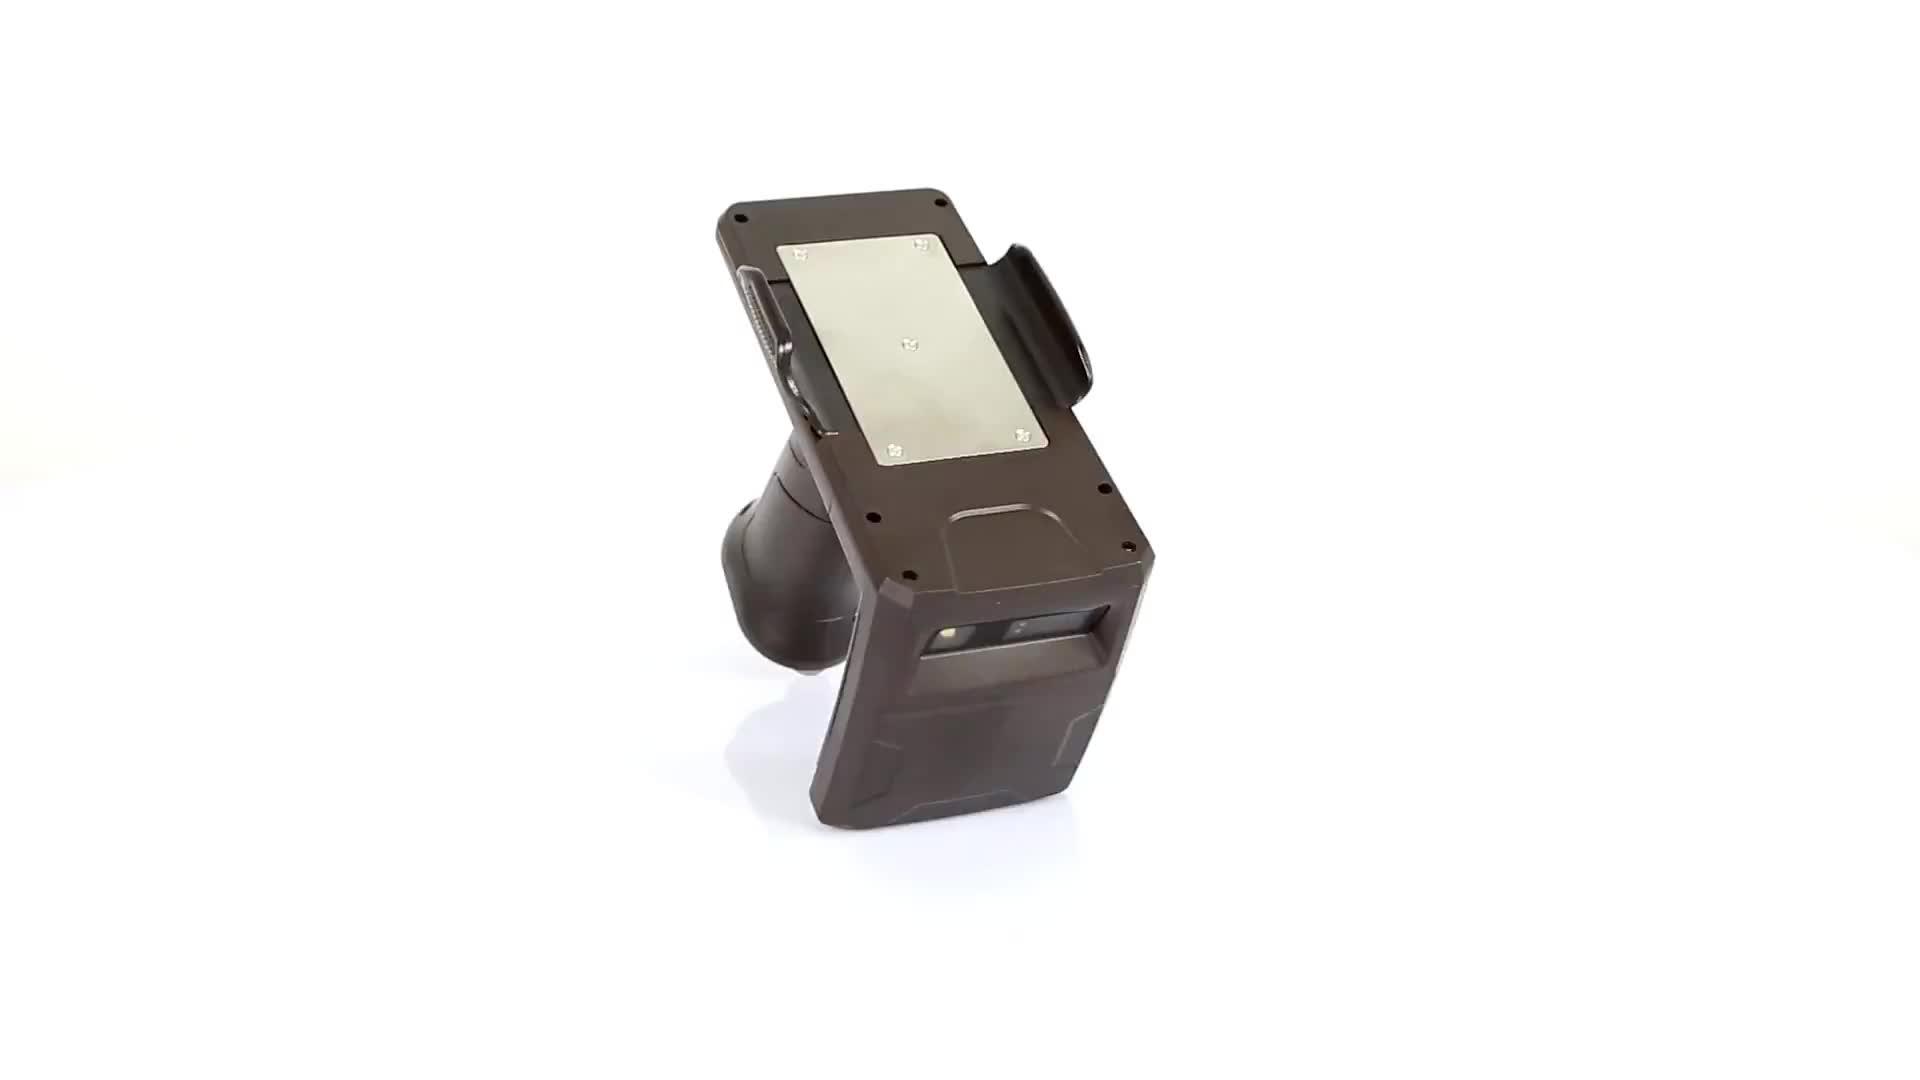 EM3396 2D barcode scanner + Handheld UHF RFID Reader HT518UR